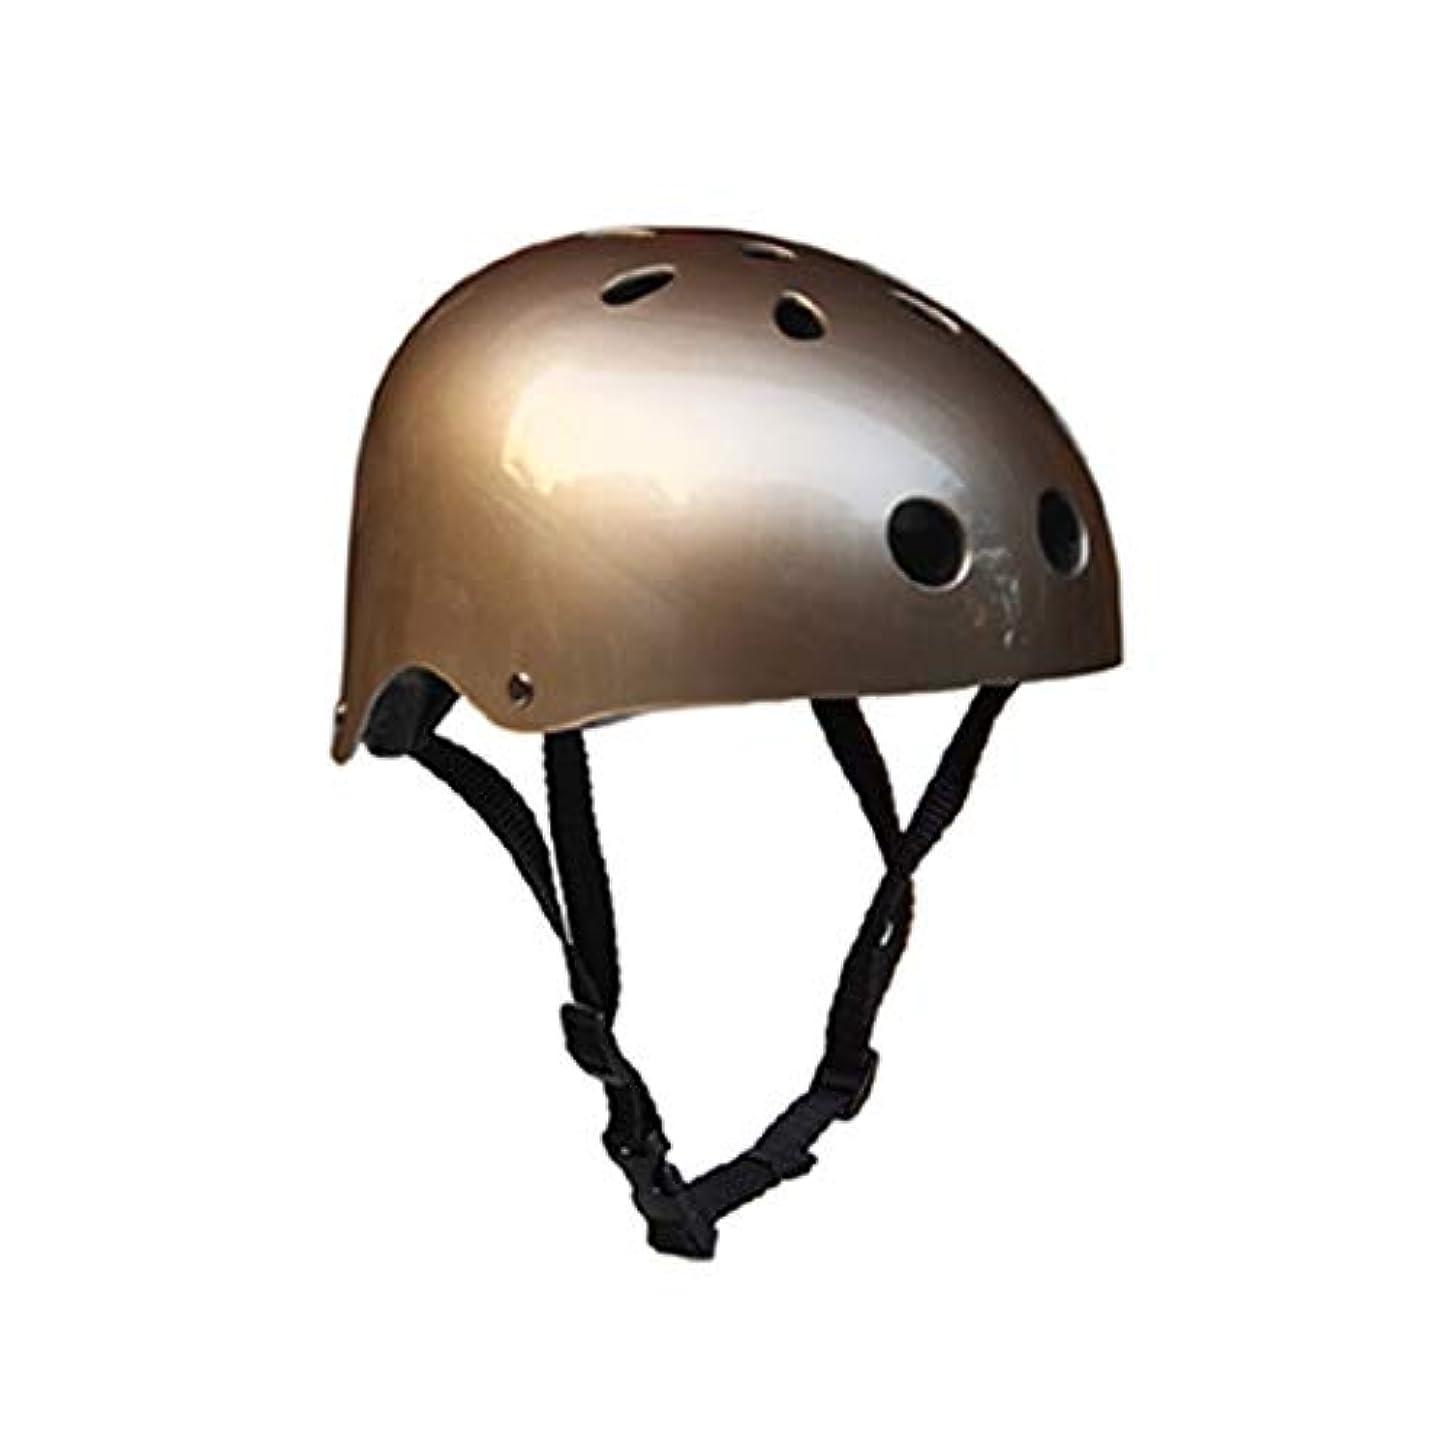 スロープ扇動基礎WTYDアウトドアツール クライミング機器安全ヘルメット洞窟レスキュー子供大人用ヘルメット開発アウトドアハイキングスキー用品適切な頭囲:54-57cm、サイズ:M 自転車の部品